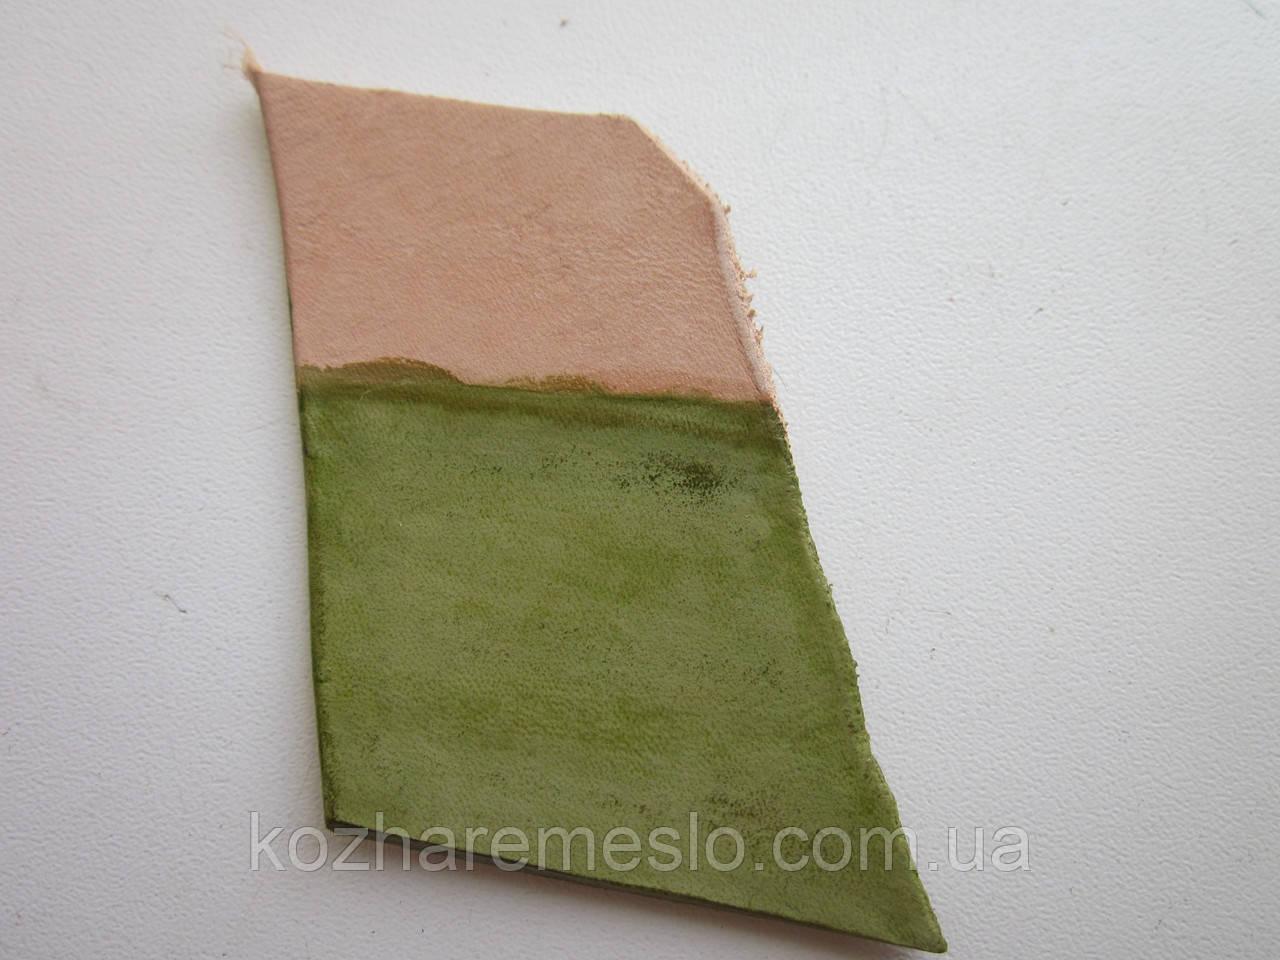 Фарба для шкіри WATERSTAIN Fenice на водній основі 200 мл зелена світла (Італія)